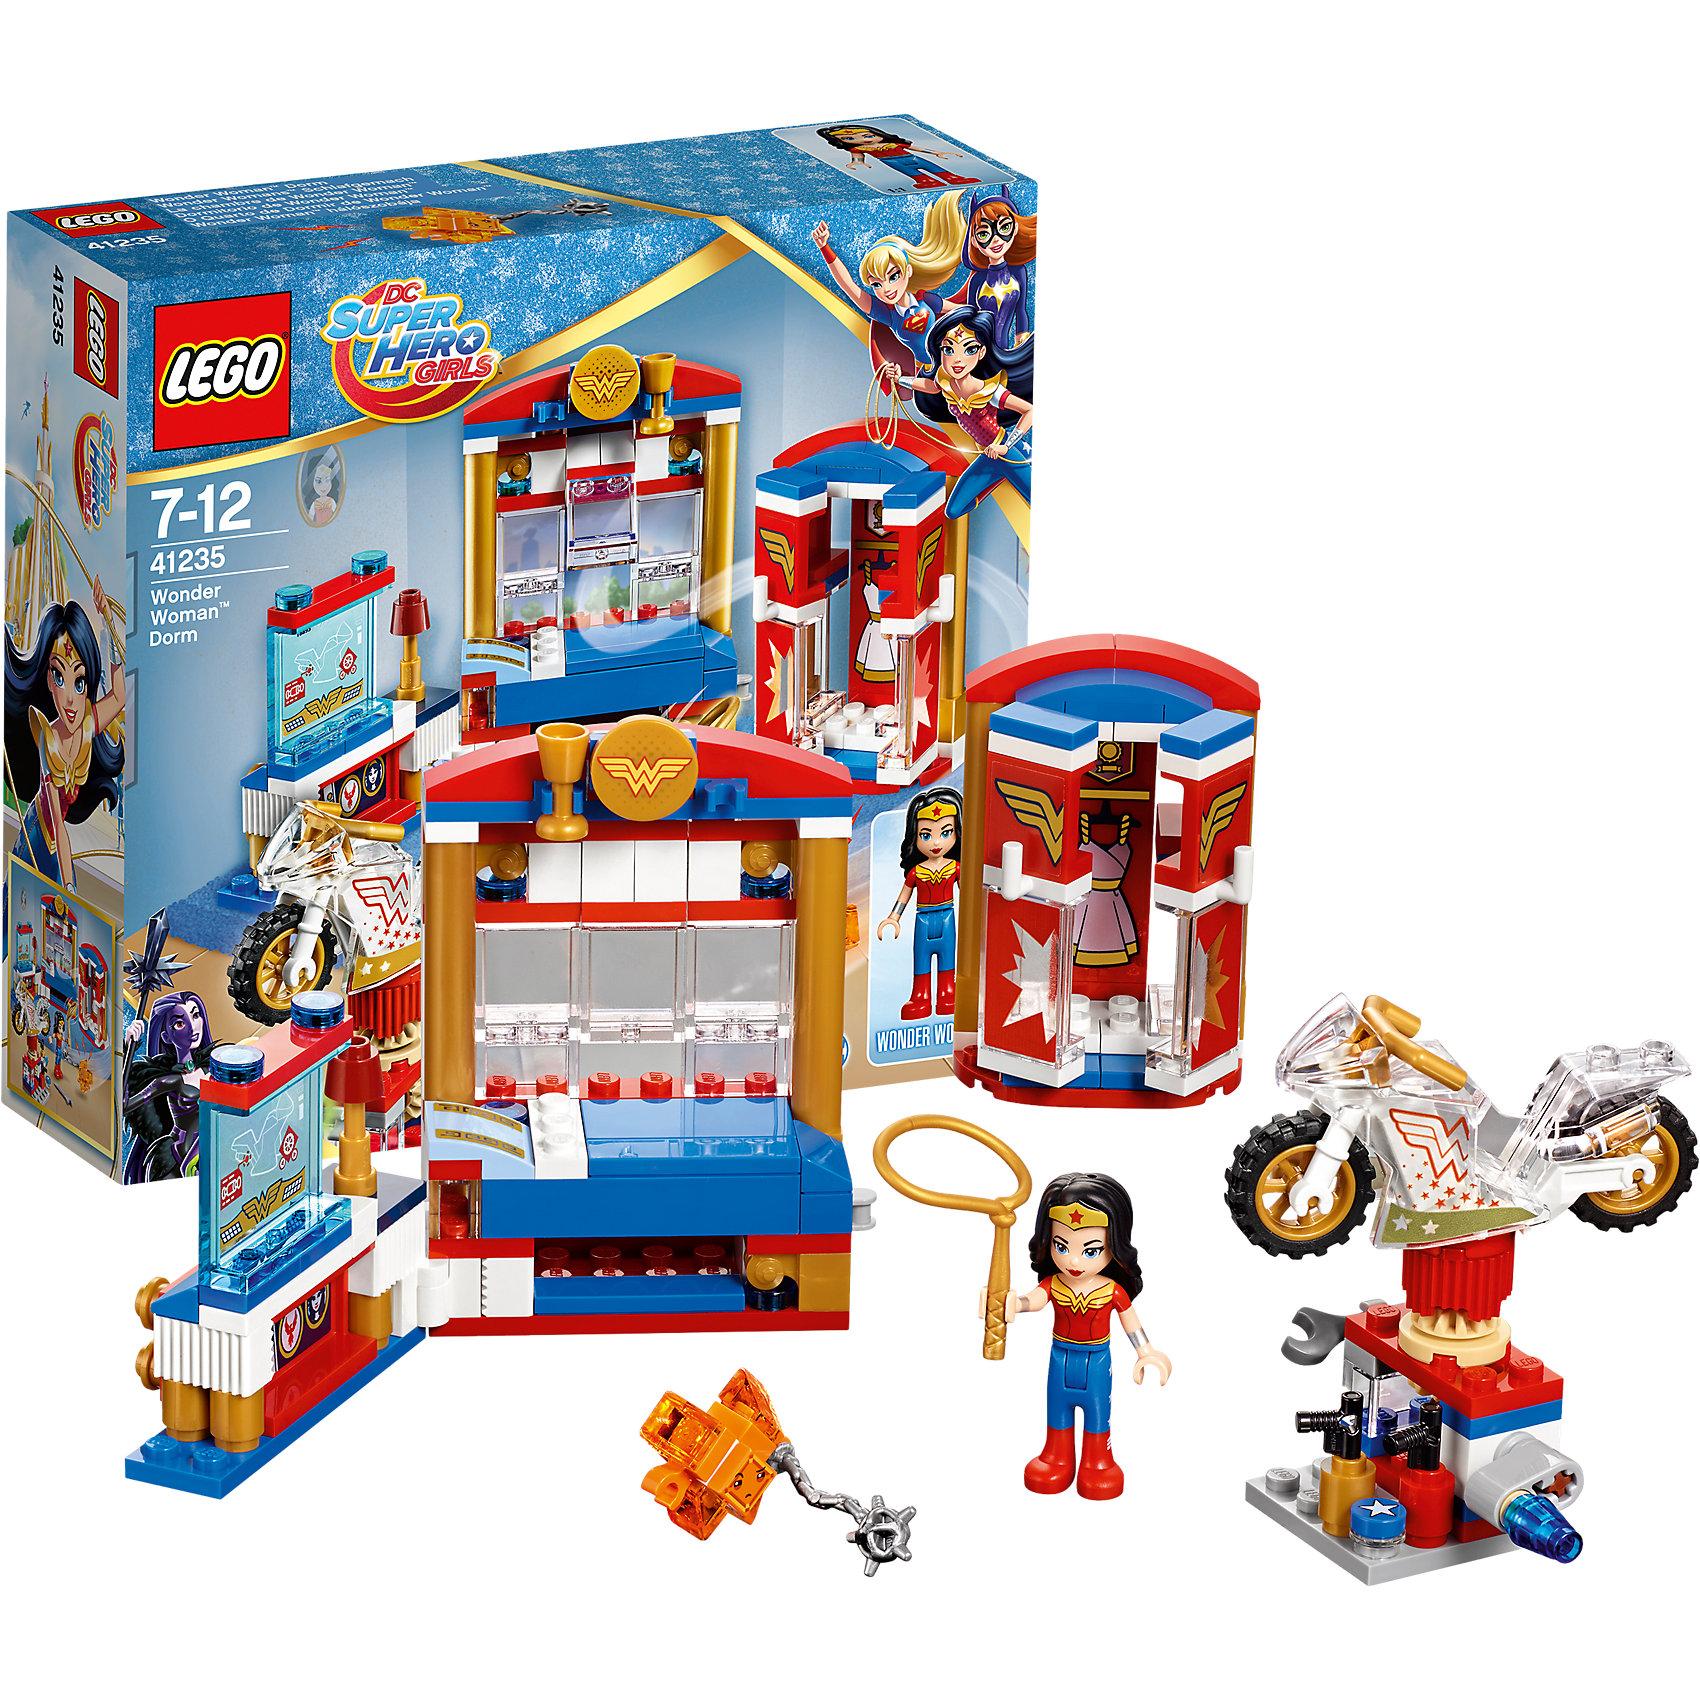 LEGO DC Super Girls 41235: Дом Чудо-женщиныLEGO DC Super Girls 41235: Дом Чудо-женщины<br><br>Характеристики:<br><br>- в набор входит: детали мебели и мотоцикла, фигурка Чудо-женщины, Криптомит, аксессуары, инструкция по сборке<br>- фигурки набора: Чудо-женщина<br>- состав: пластик<br>- количество деталей: 186<br>- размер кровати, шкафа и рабочей станции: 17 * 3 * 9 см.<br>- размер подставки для мотоцикла: 3 * 4 * 3 см.<br>- размер мотоцикла: 6 * 2 * 3 см.<br>- для детей в возрасте: от 7 до 12 лет<br>- Страна производитель: Дания/Китай/Чехия<br><br>Легендарный конструктор LEGO (ЛЕГО) представляет серию «DC Super Girls» (ДиСи Супер Гёрлс) по сюжетам фильмов и мультфильмов о супергероинях. Этот набор понравится любителям короткометражных мультфильмов компании Warner Brothers DC Super Girls (ДиСи Супер Гёрлс). <br><br>Невероятная комната Чудо-женщины в Школе Супергероев говорит за свою владелицу! Вся мебель выполнена в бело-сине-красных цветах ее стиля. Просторная кровать со столбиками и полочками для призов и личных вещей позволяет героине восстановить свои силы после тяжелого учебного дня. Под кроватью есть месть для хранения лассо. К кровати присоединяется рабочая станция с суперкомпьютером, позволяющим следить за преступниками, на столе стоит небольшая лампа. Красивый шкаф с полупрозрачными дверями и эмблемой Чудо-женщины вмещает все ее наряды. Один из самых интересных объектов в комнате героини – это станция для мотоцикла. Станция поворачивается для более удобной работы с мотоциклом, Чудо-женщина полирует его воском, ремонтирует по мере необходимости с помощью гаечного ключа, у нее также есть два баллончика с краской. <br><br>Фигурка Чудо-женщины отлично проработана, ее рельефные волосы уложены в красивую прическу, а ее супергеройский наряд очень ей идет. Защити лассо Чудо-женщины от Криптомита, который пробрался в ее комнату! <br><br>Играя с конструктором ребенок развивает моторику рук, воображение и логическое мышление, научится собирать по инструкции и создават